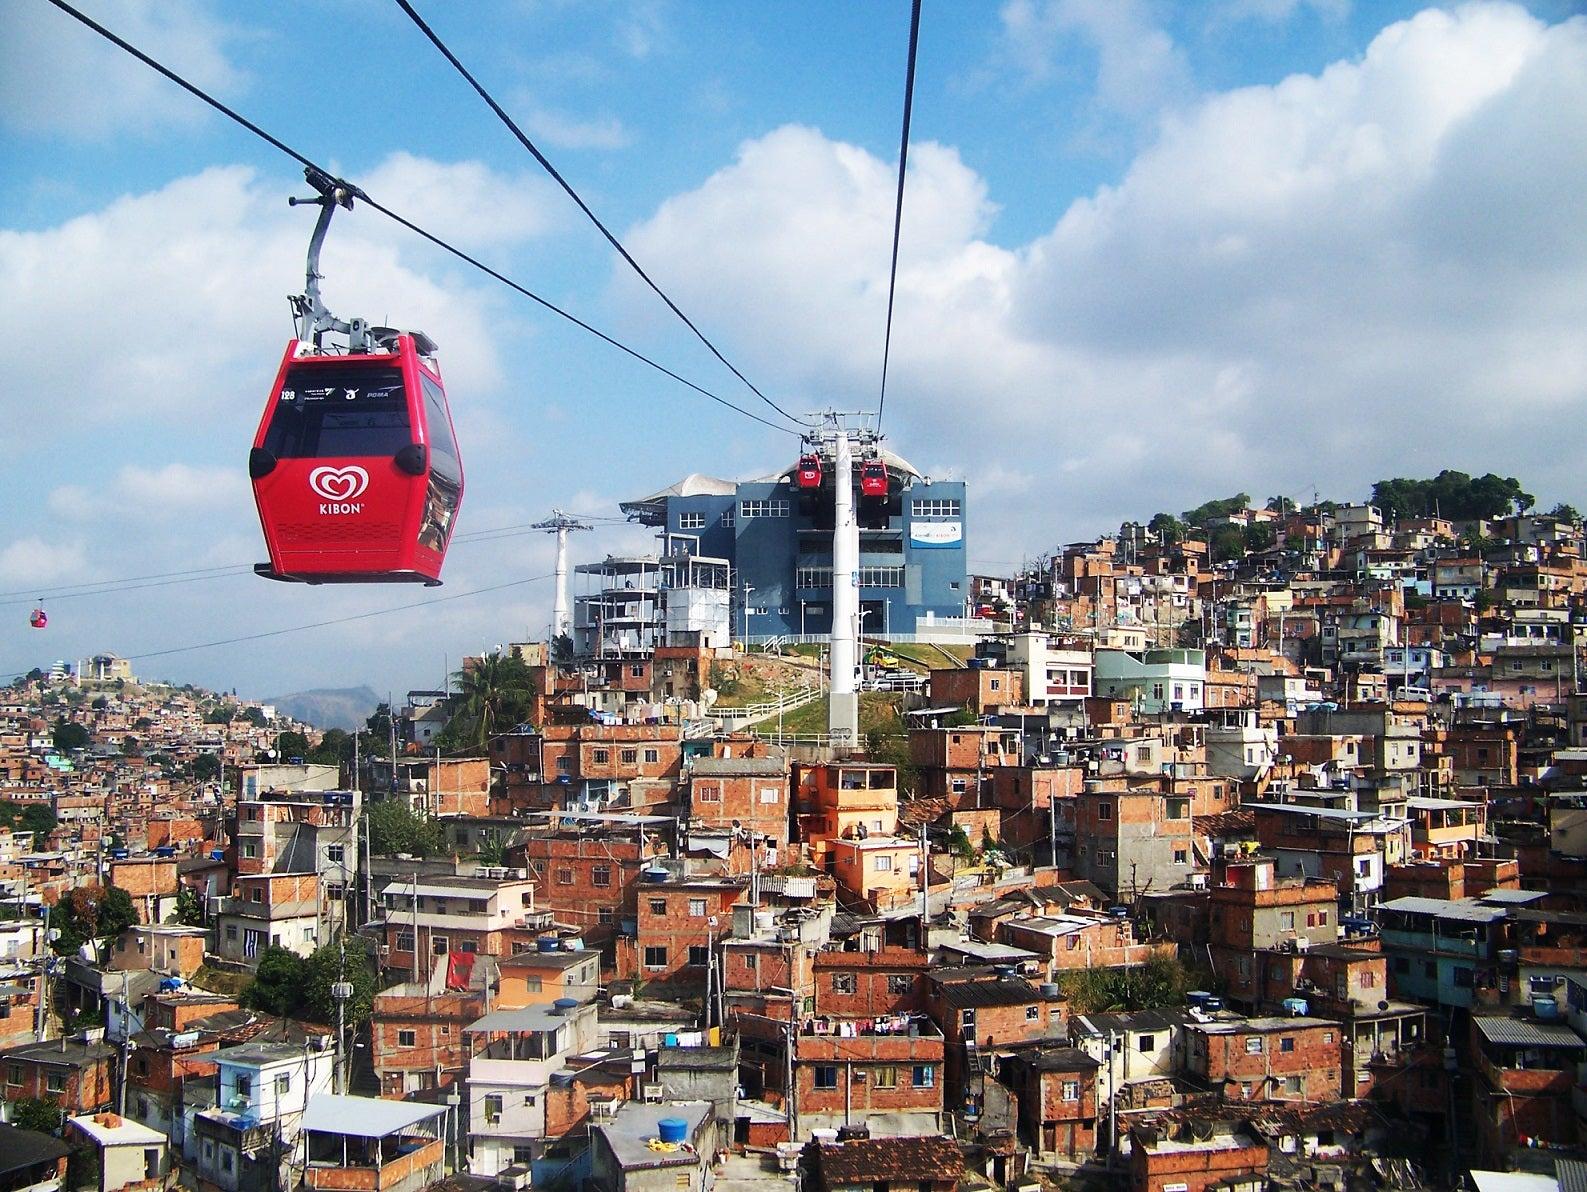 Morar Carioca